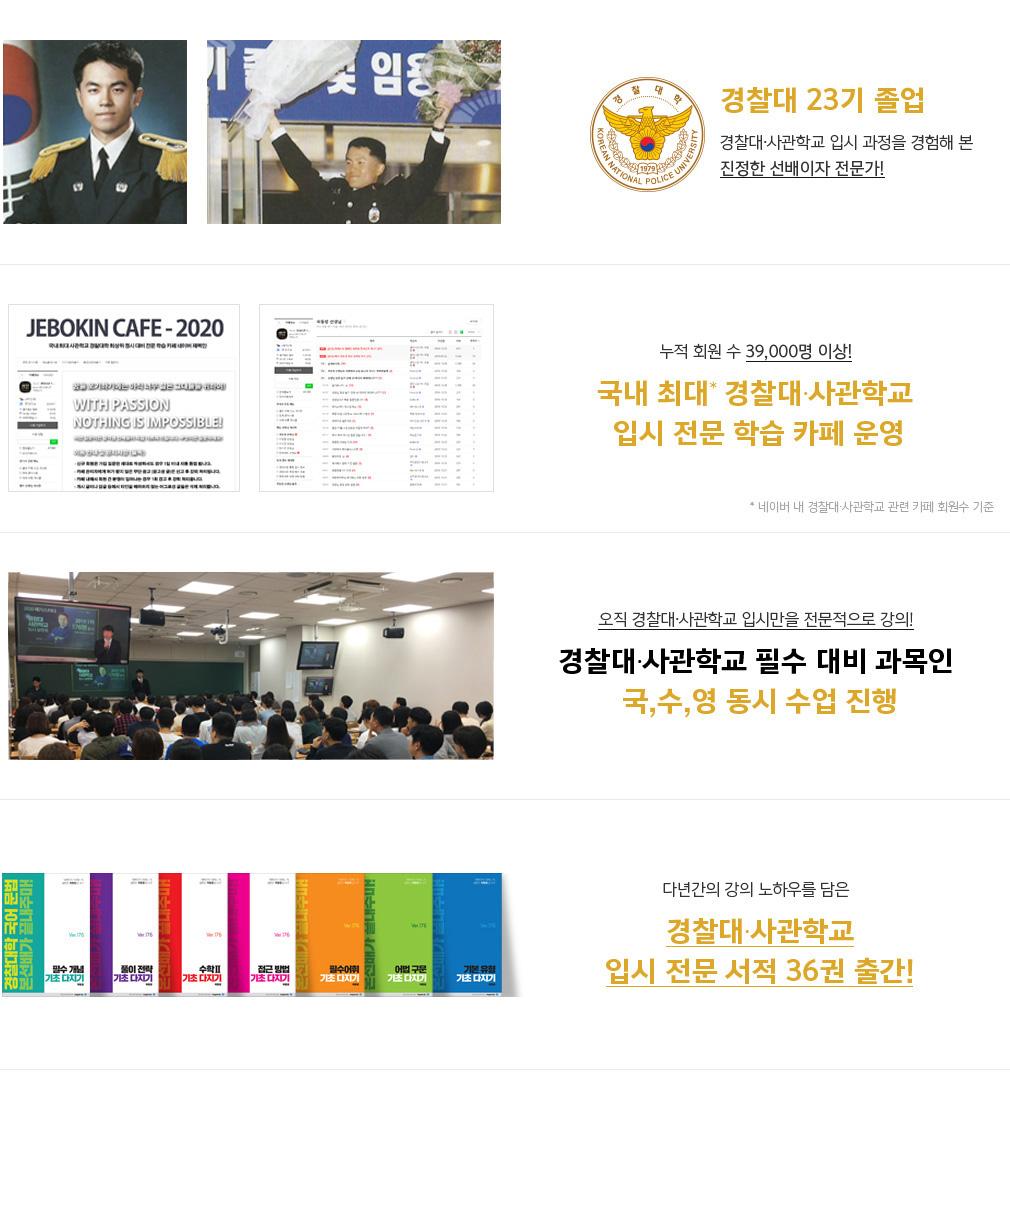 경찰대 23기 졸업, 국대 최대 경찰대, 사관학교 입시 전문 학습 카페 운영